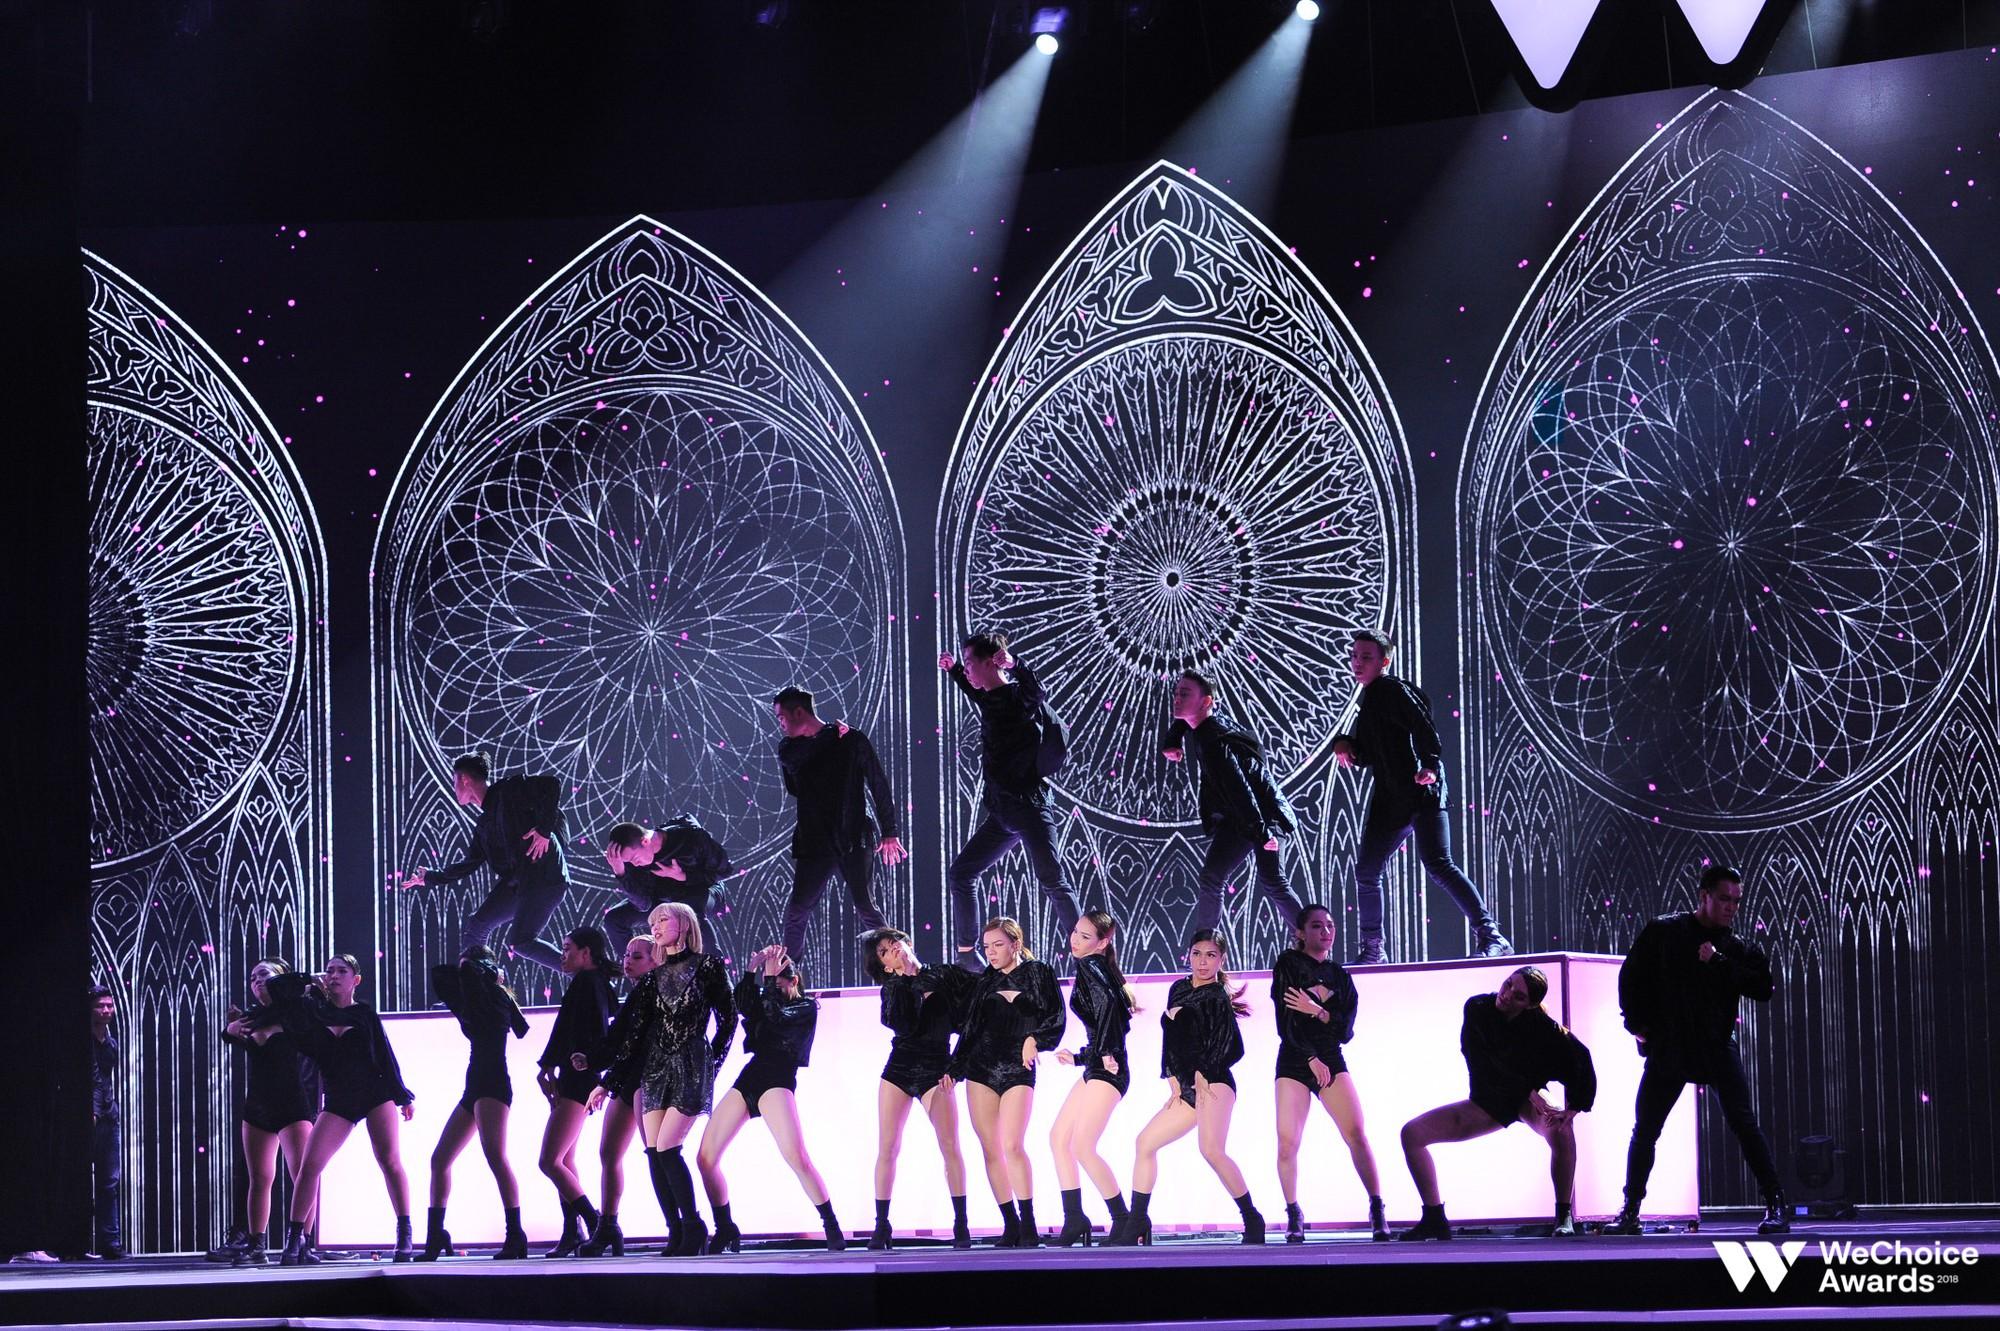 Sân khấu Gala Wechoice Awards 2018: Không chỉ đã tai, đẹp mắt mà còn đầy nghệ thuật và truyền cảm hứng sống - Ảnh 2.